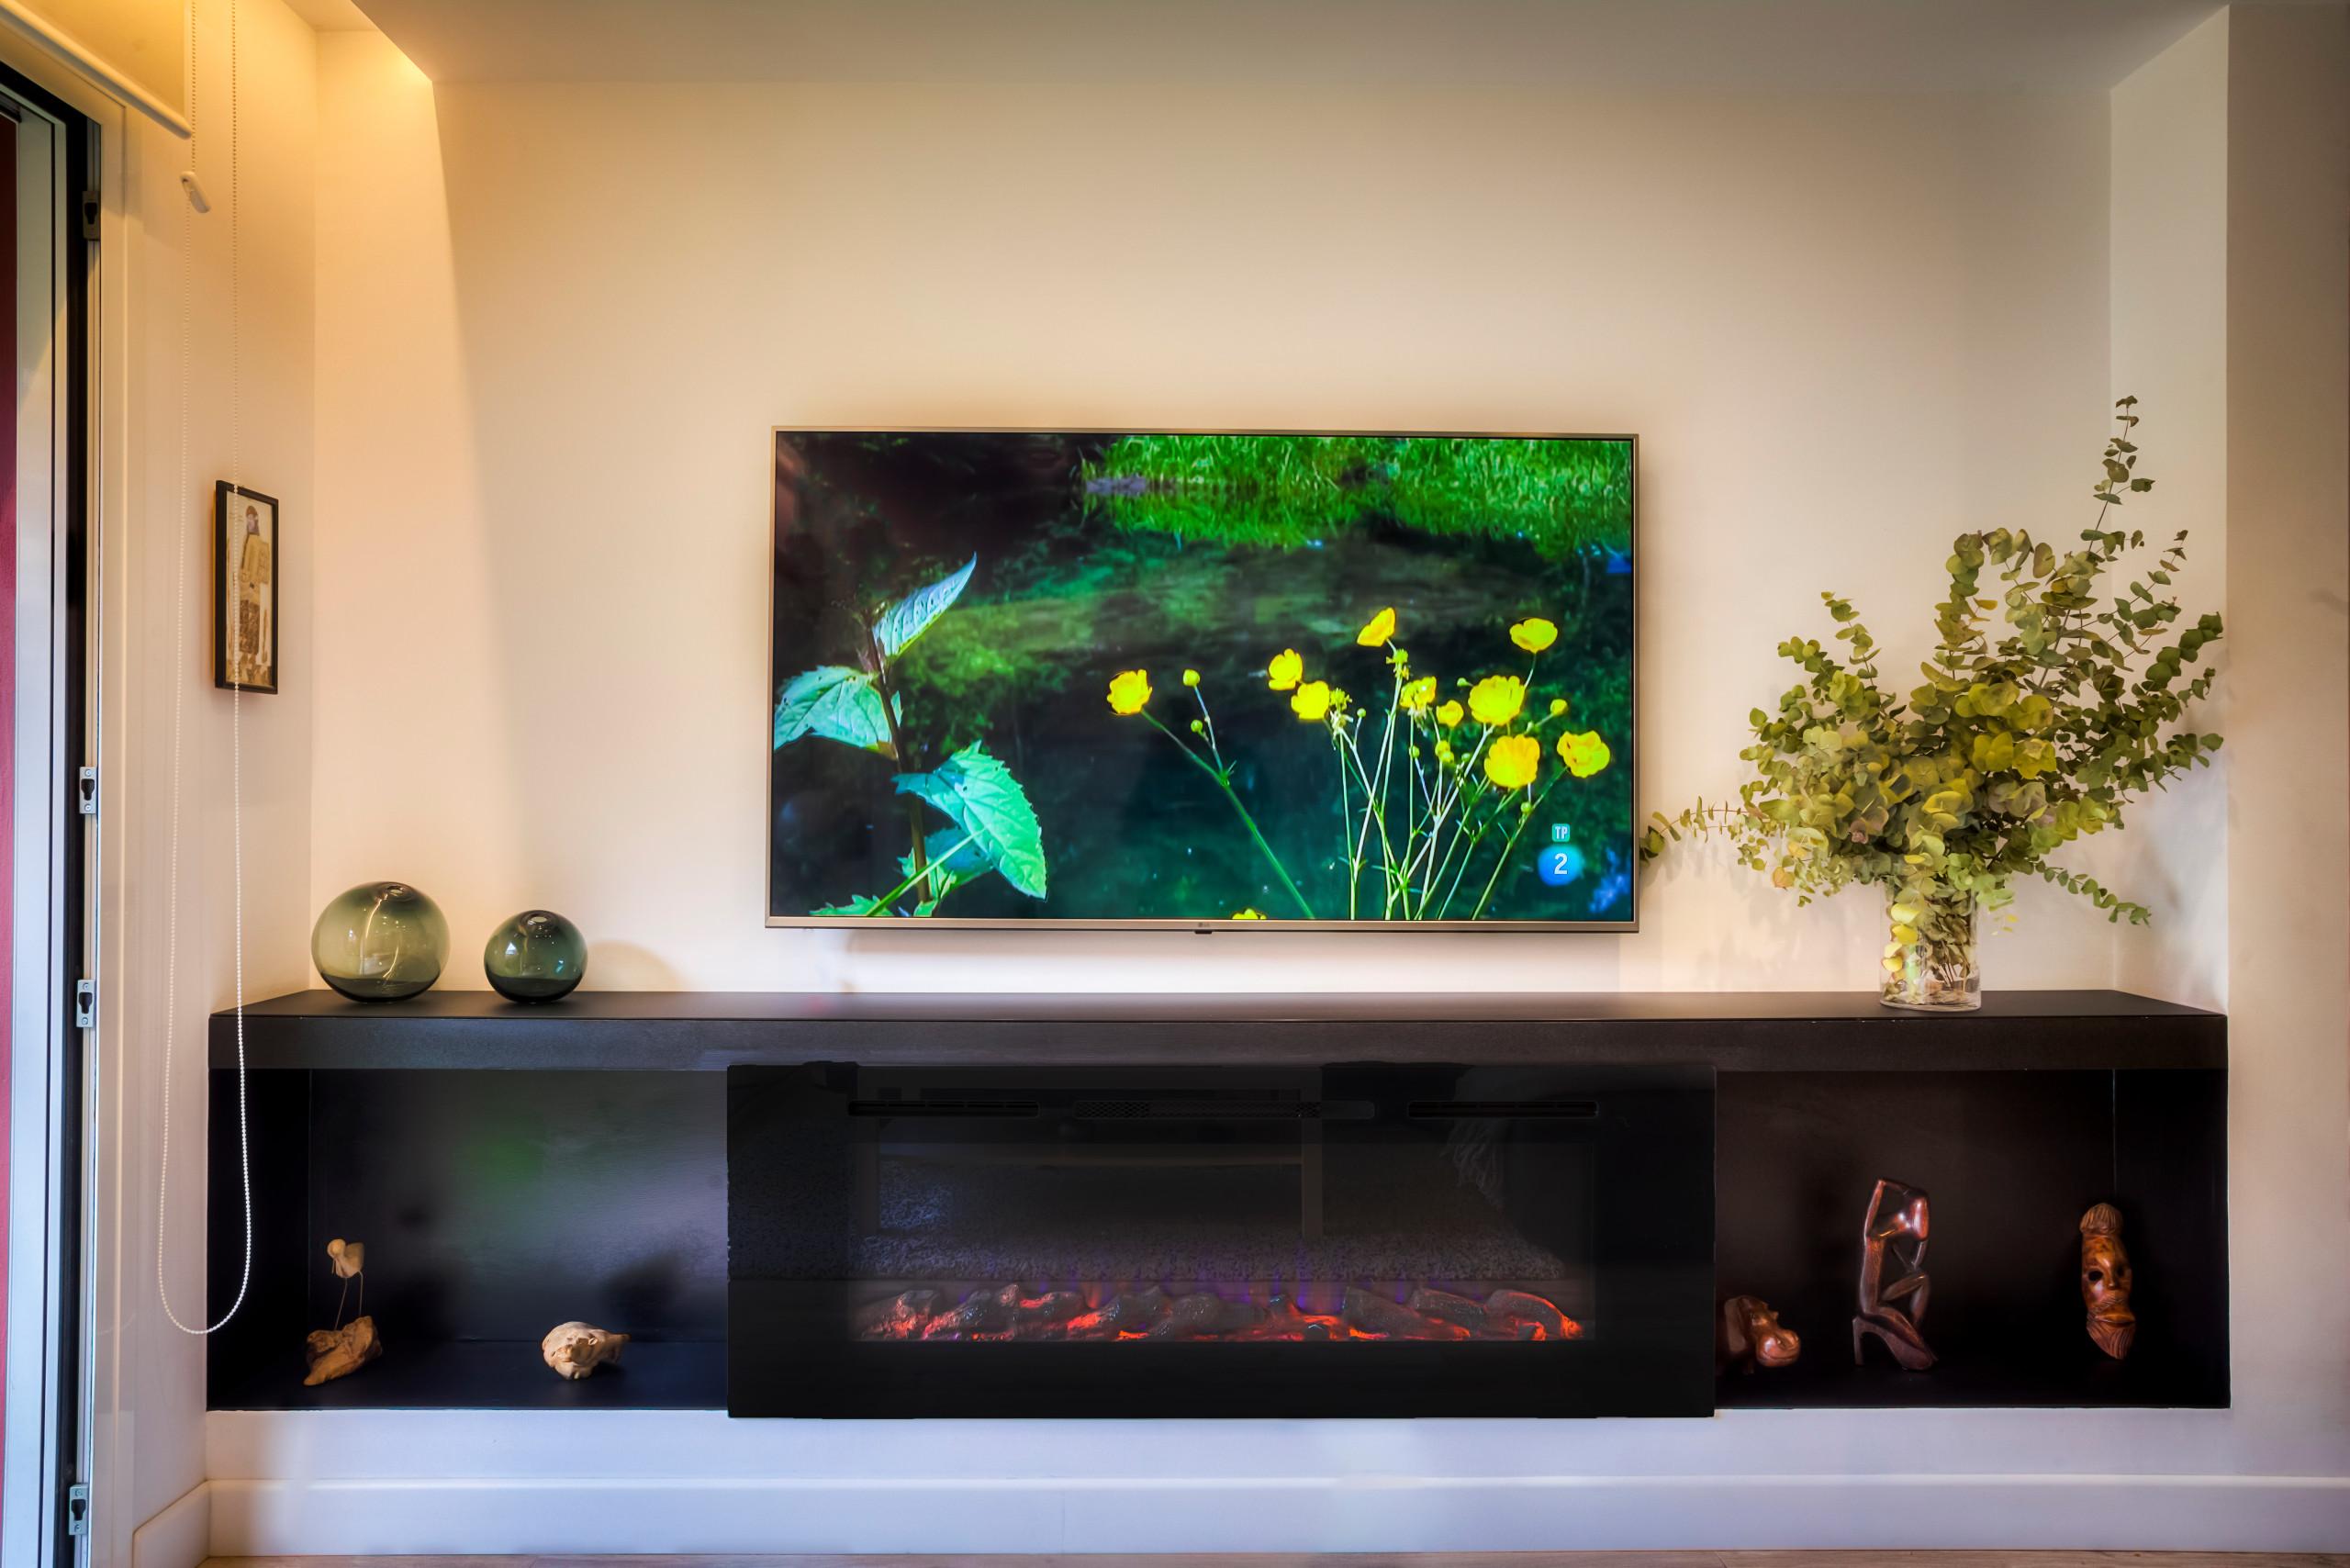 Salón, detalle del mueble TV con chimenea